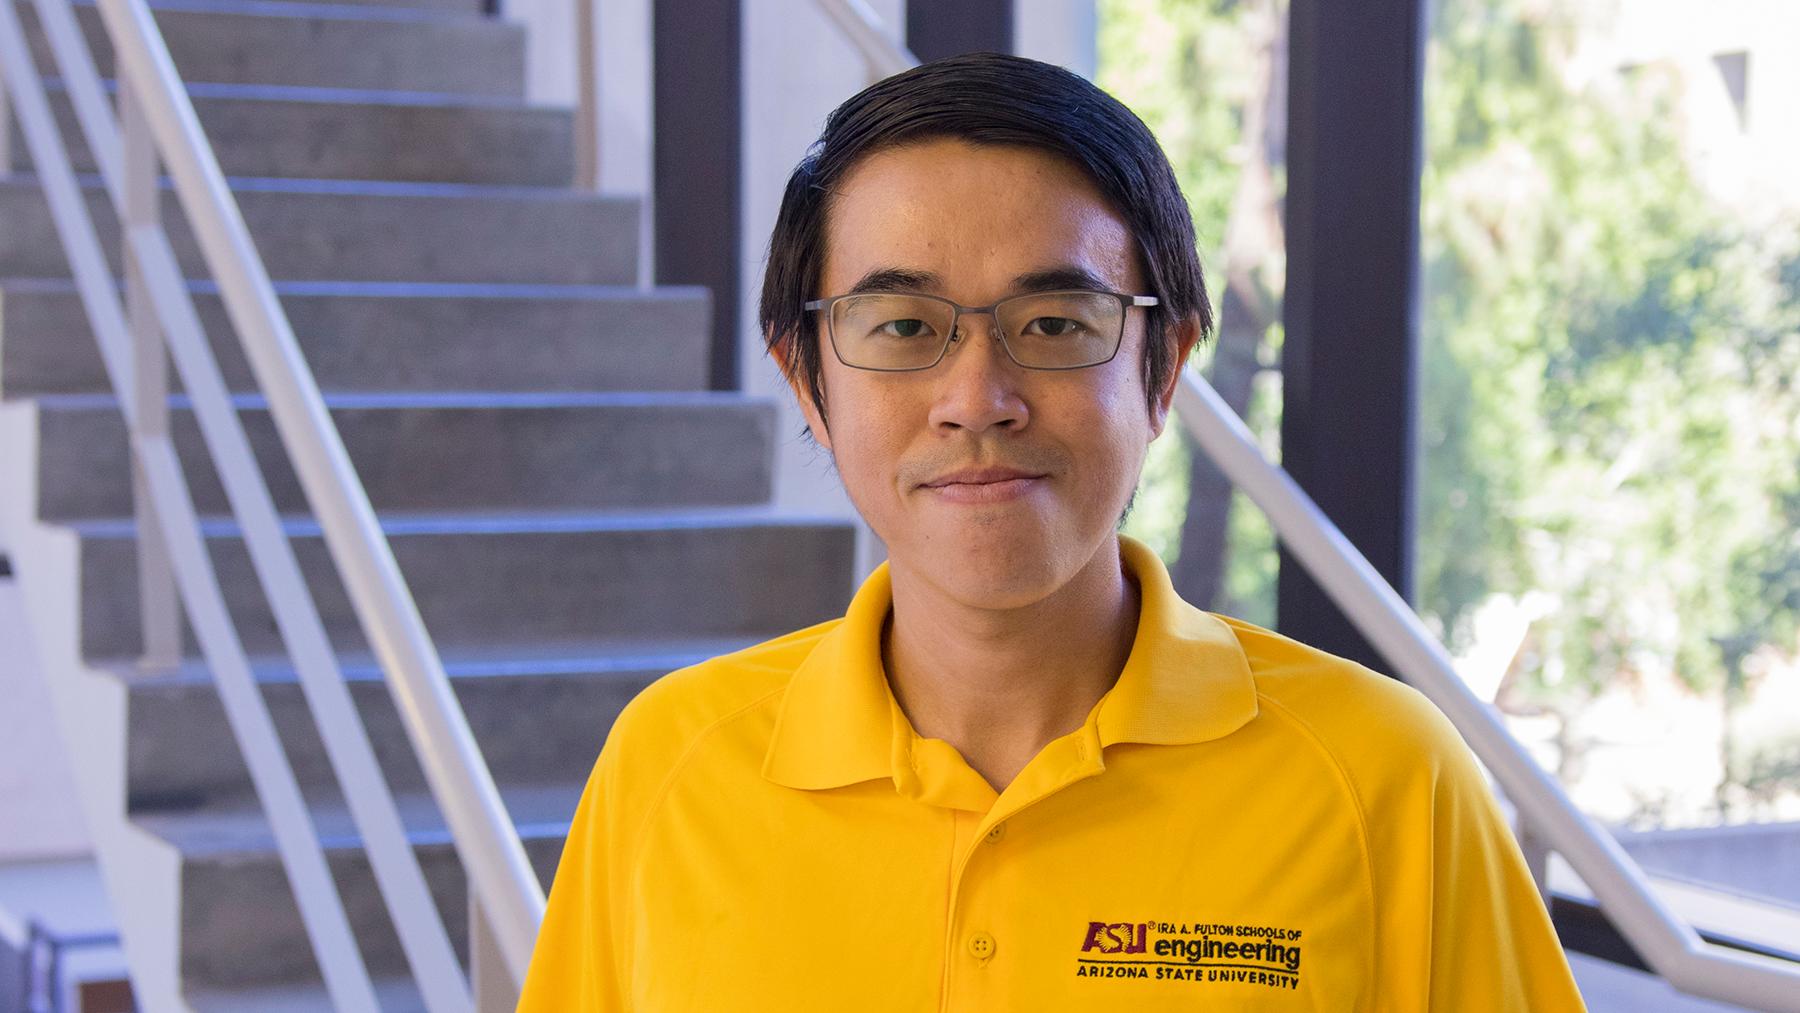 Headshot of Sze Zheng Yong